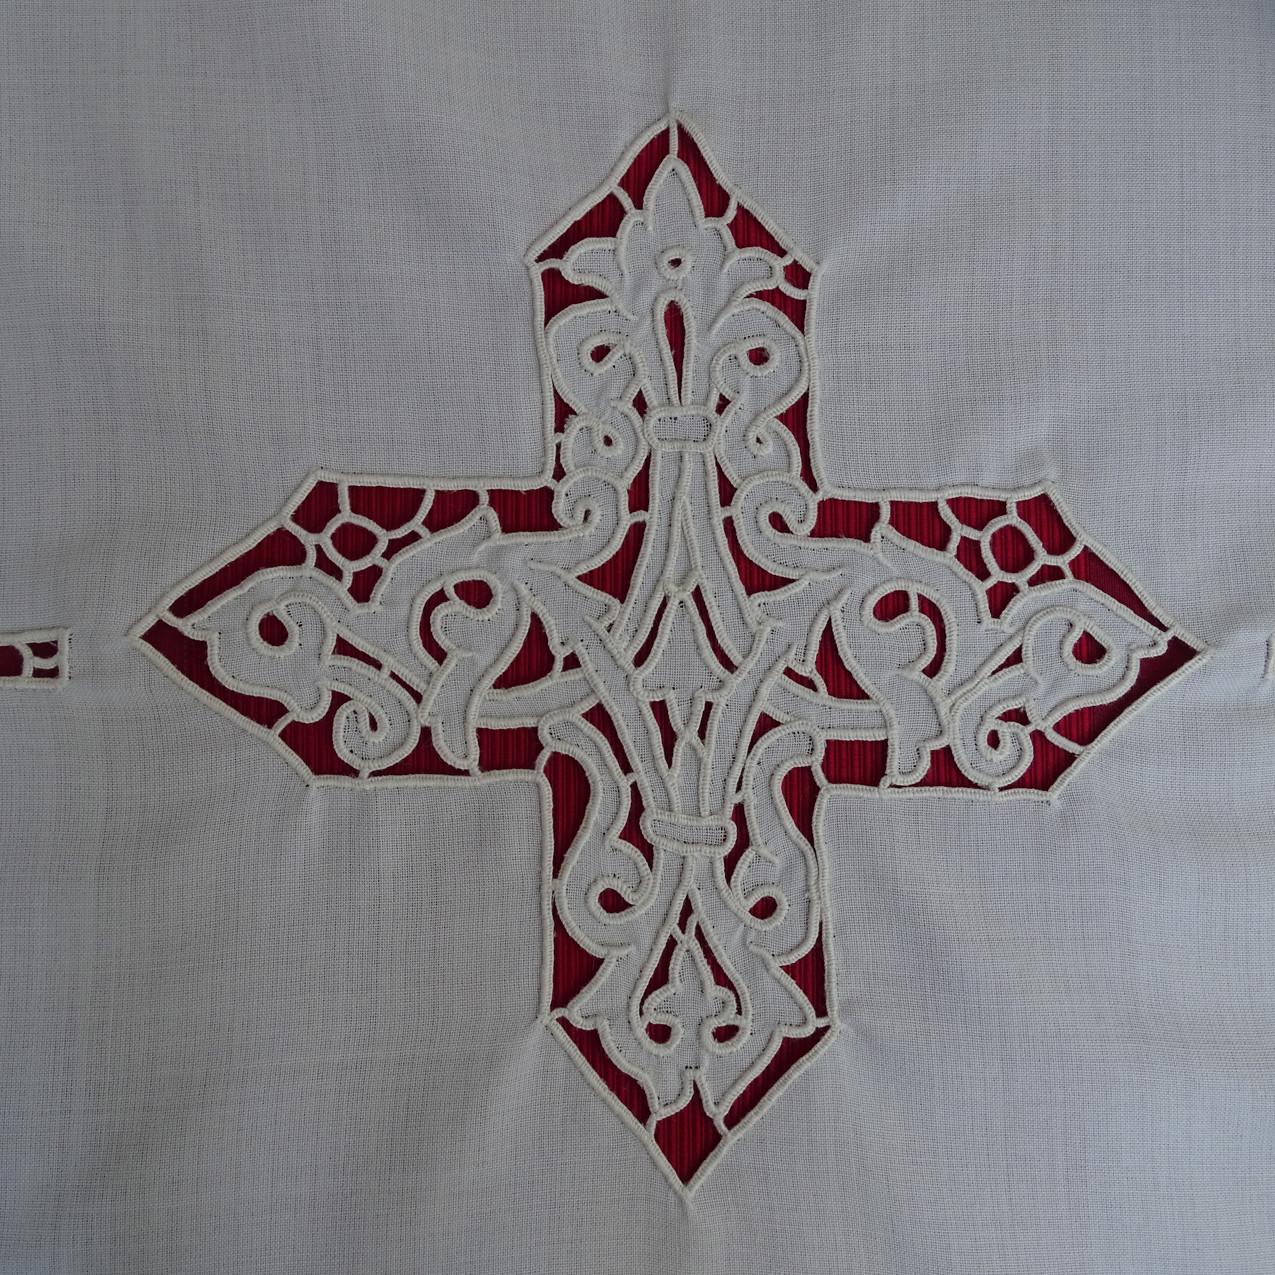 Camice ad intaglio con croce e giro di intaglio sul fondo e sulle maniche. Realizzato su misura per ordinazione sacerdotale